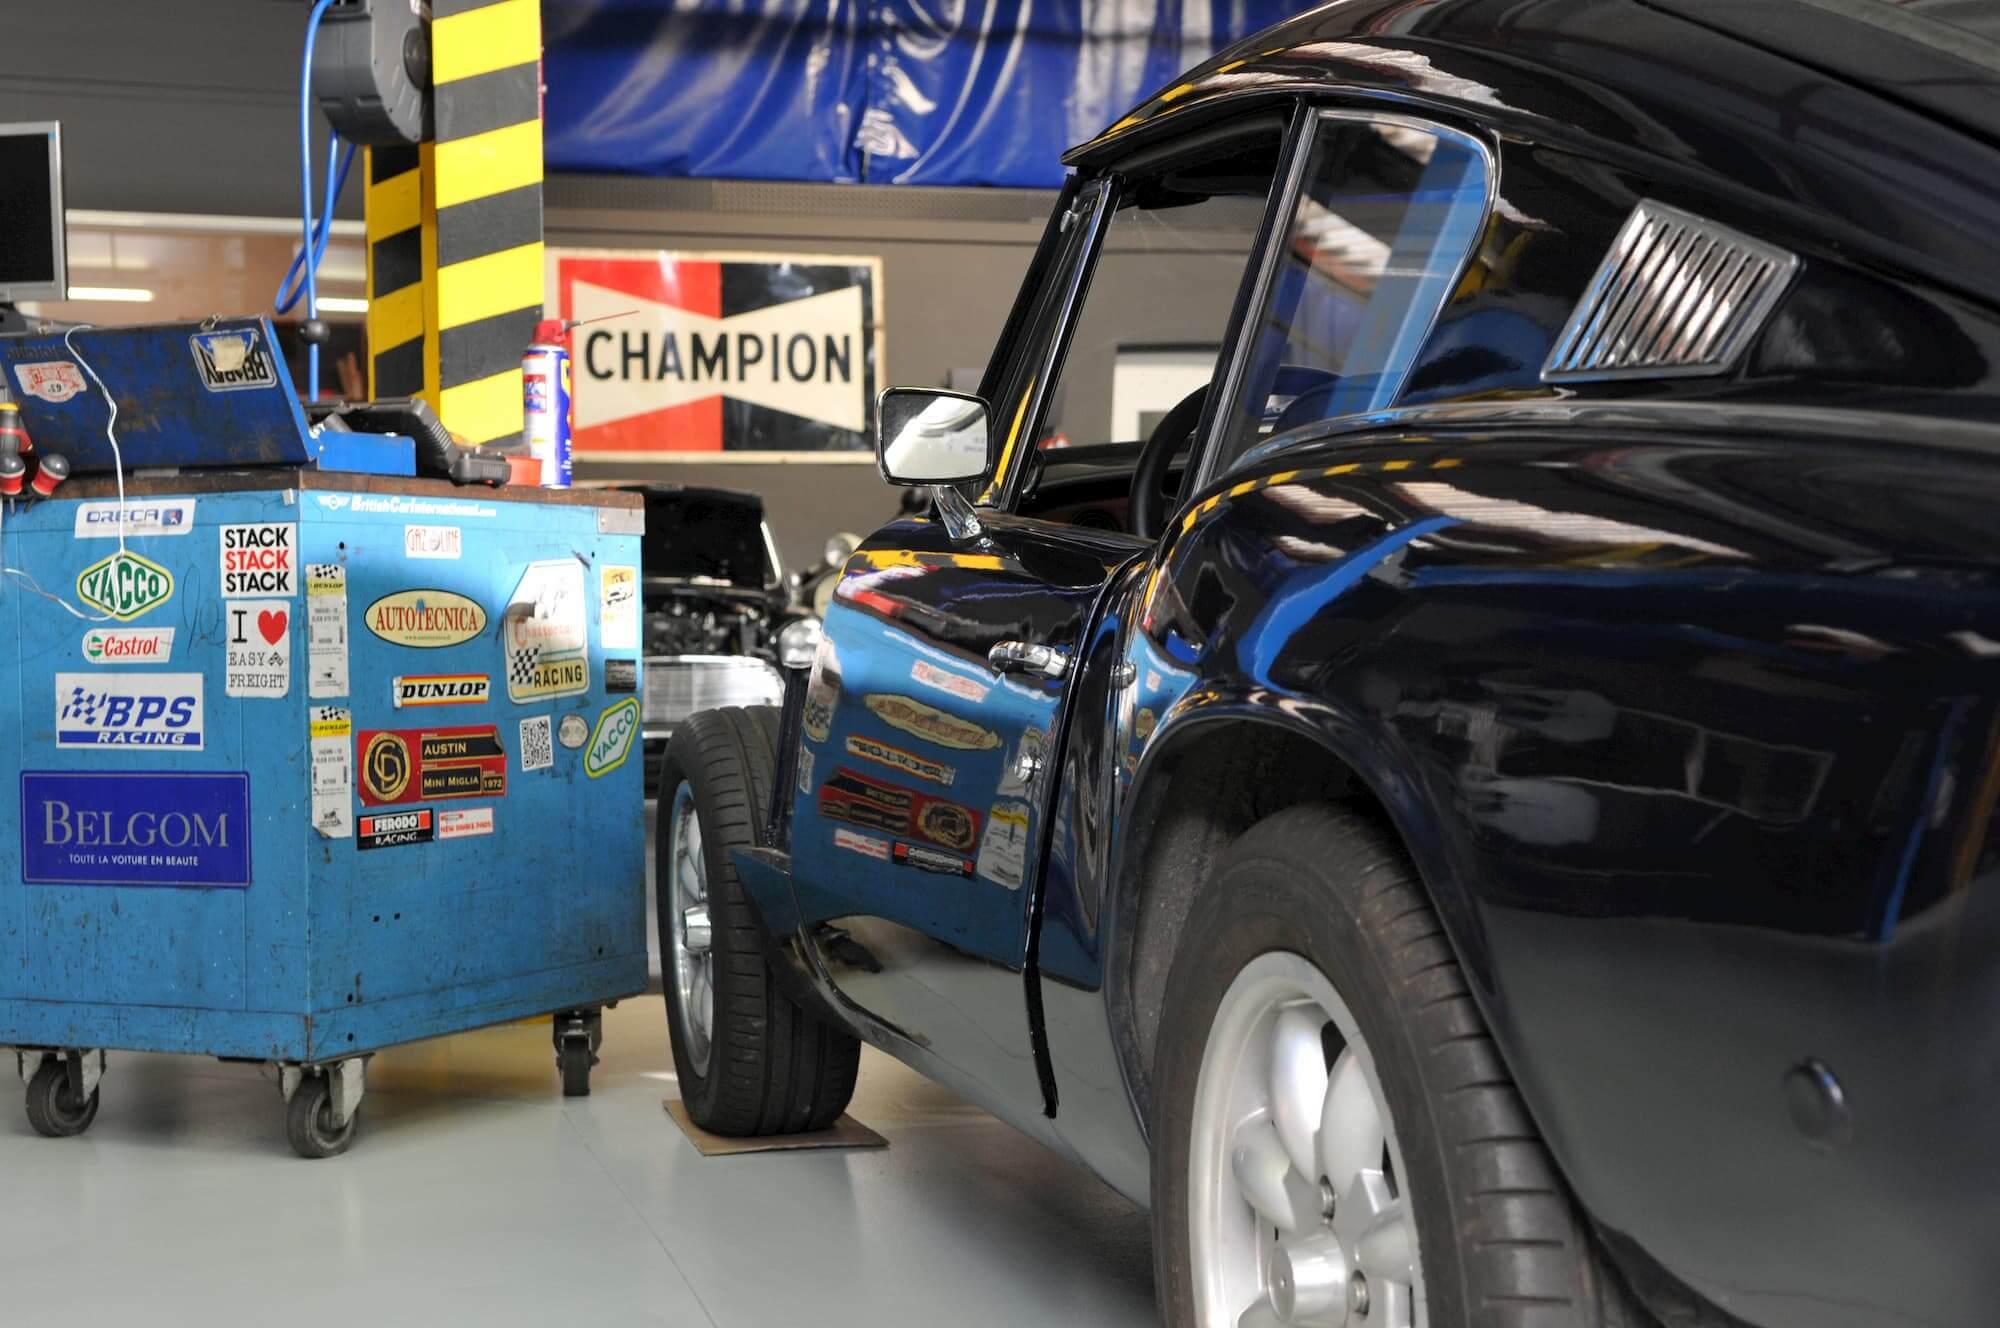 Entretien mécanique Triumph GT6 au Garage des Damiers, spécialiste voitures anglaises